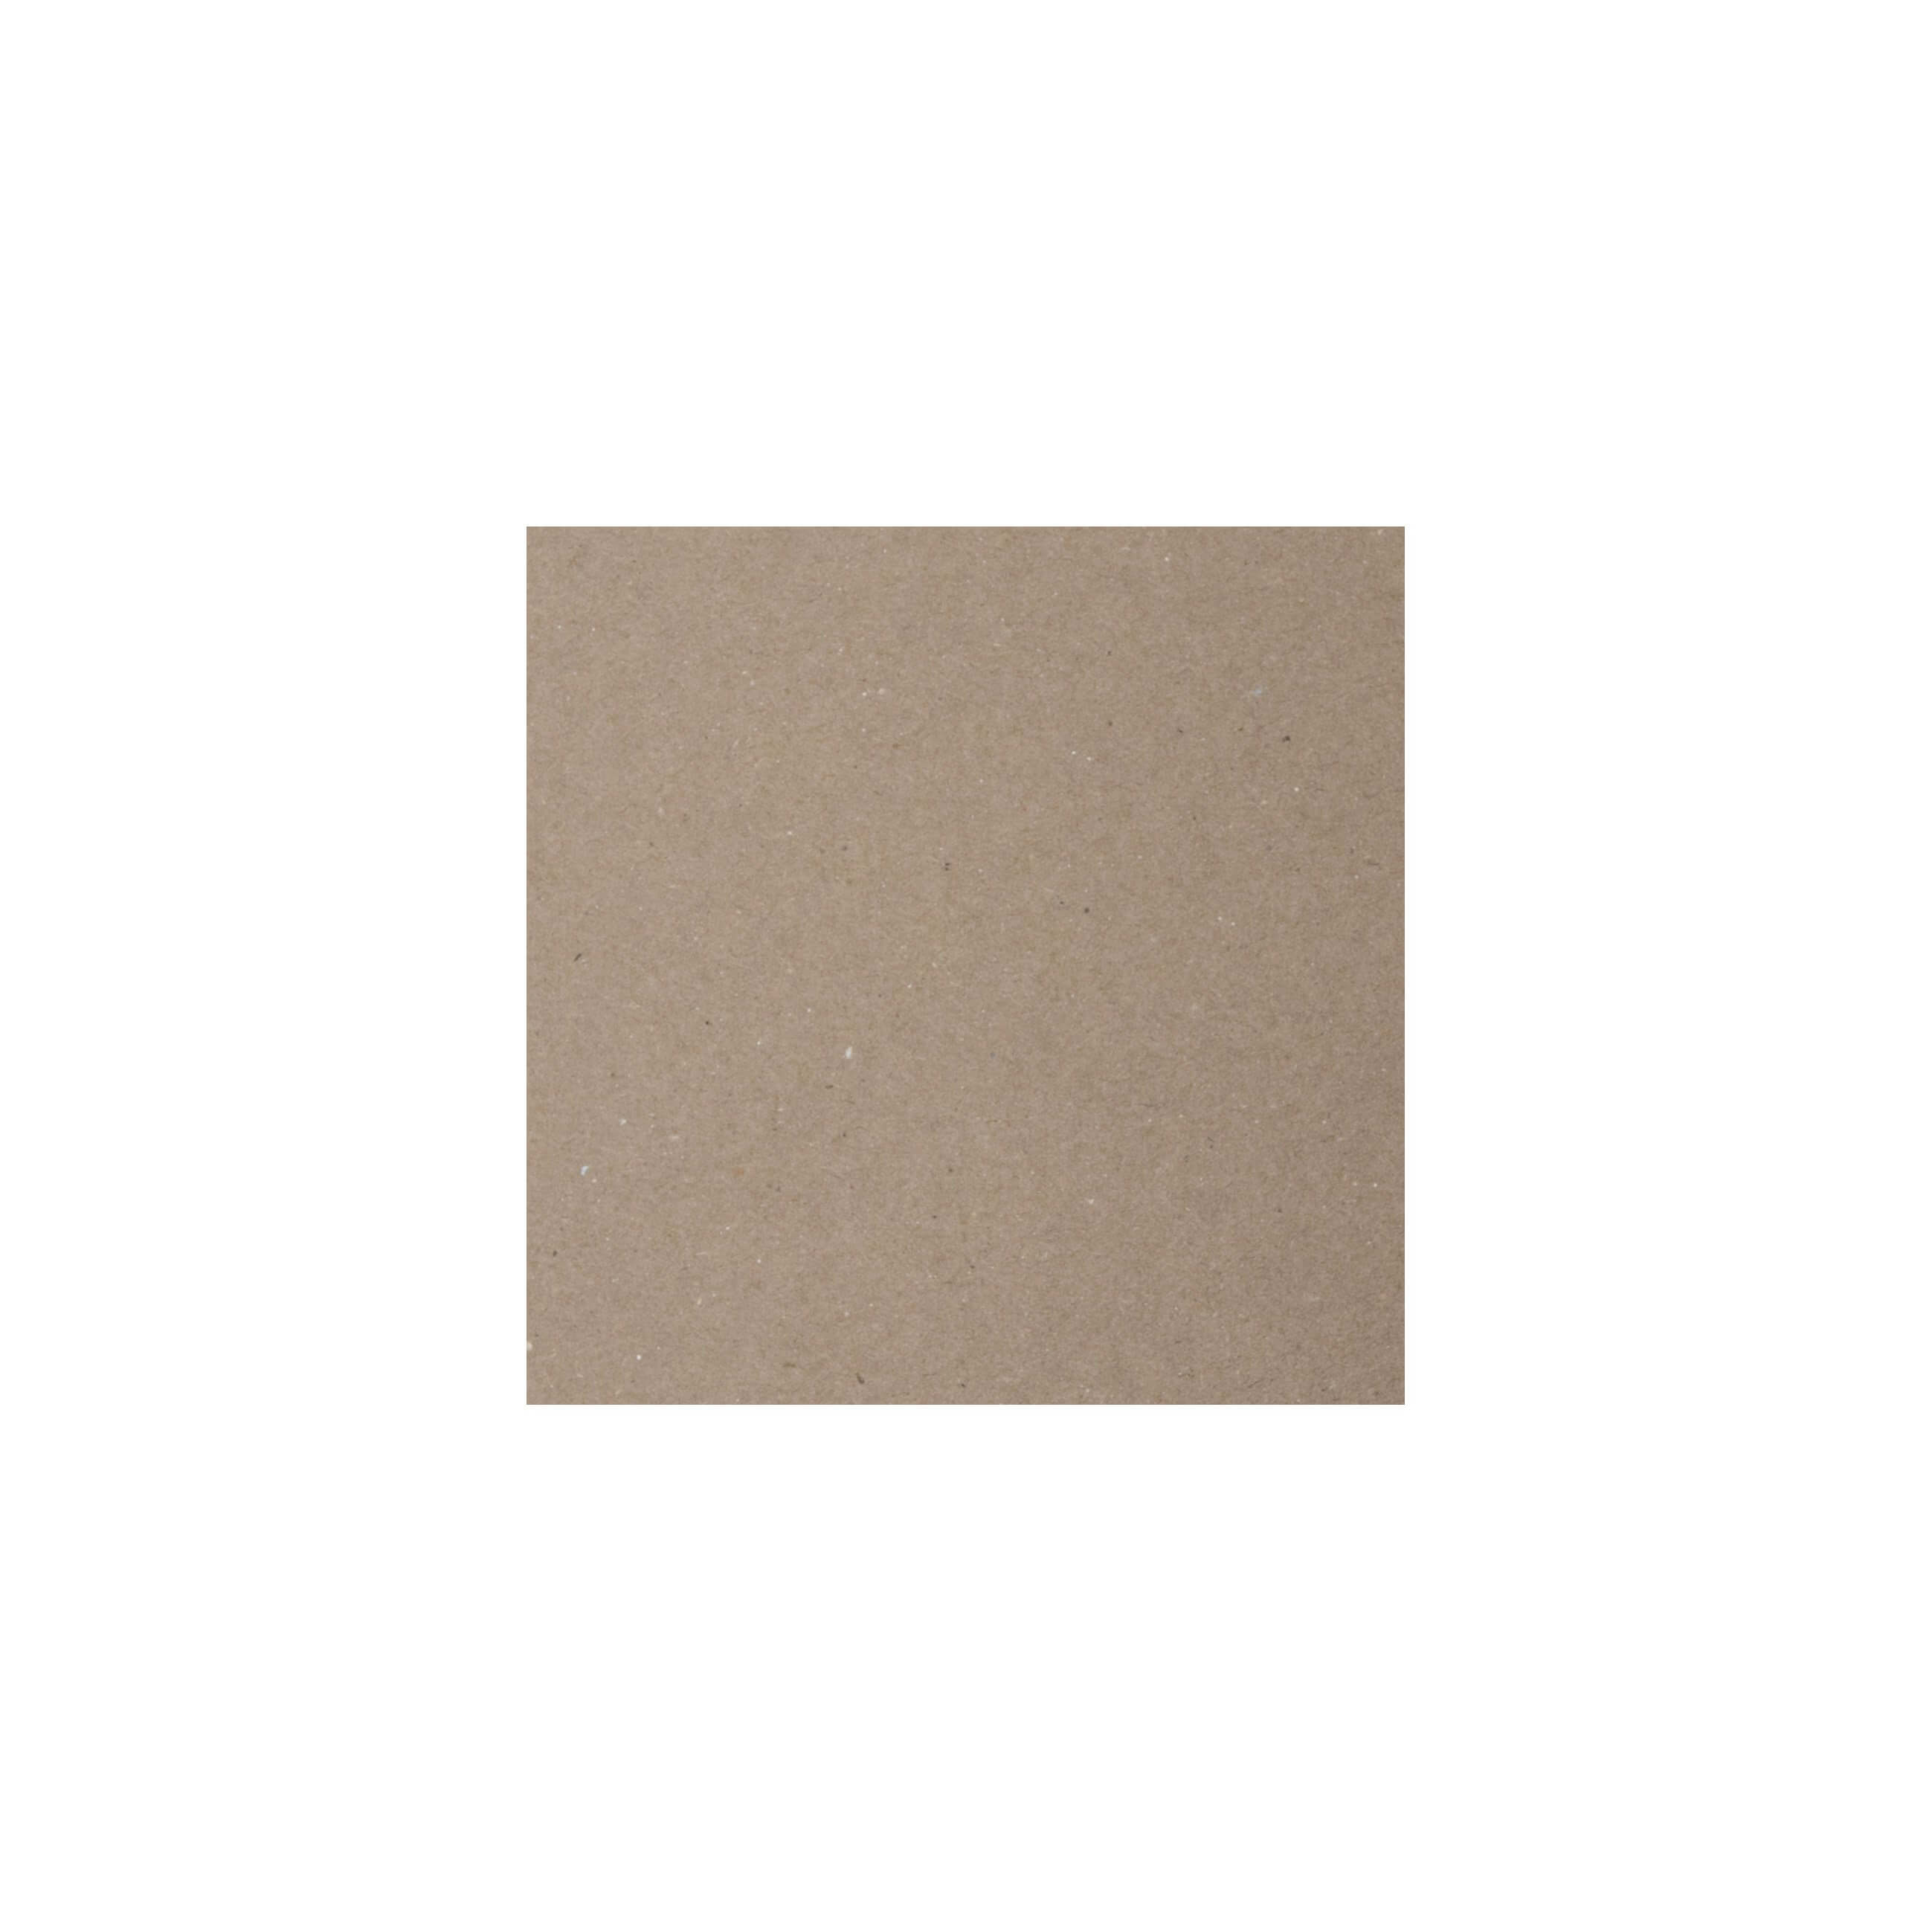 Cardstock 100mm Square - Kraft